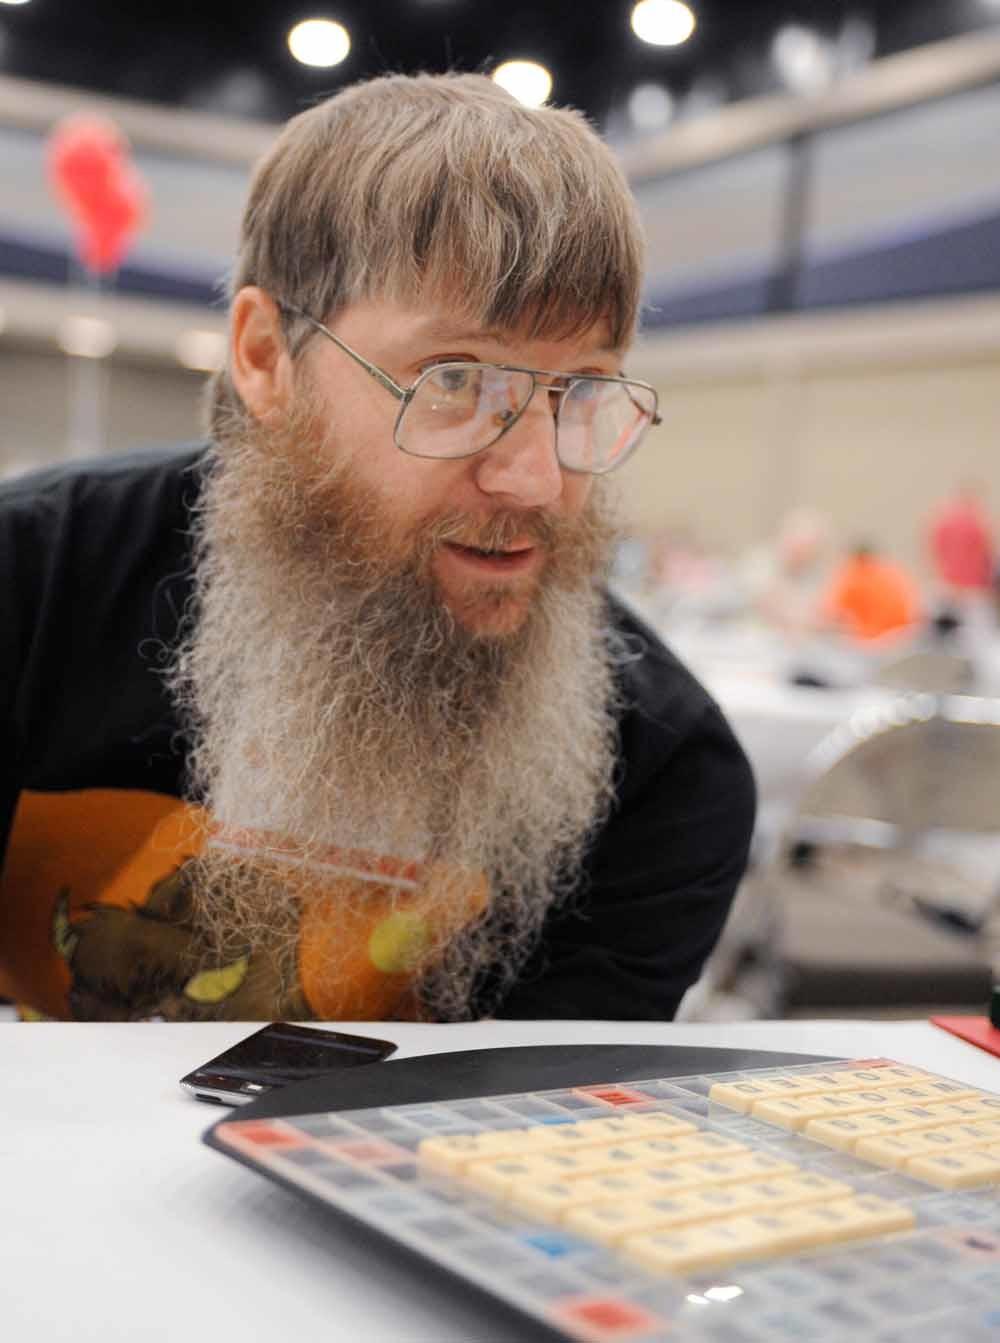 Nigel Richards in de finale van de National Scrabble Championships in Bu alo, waar hij eindigde op de 16de plaats. – © Gary Wiepert / AP